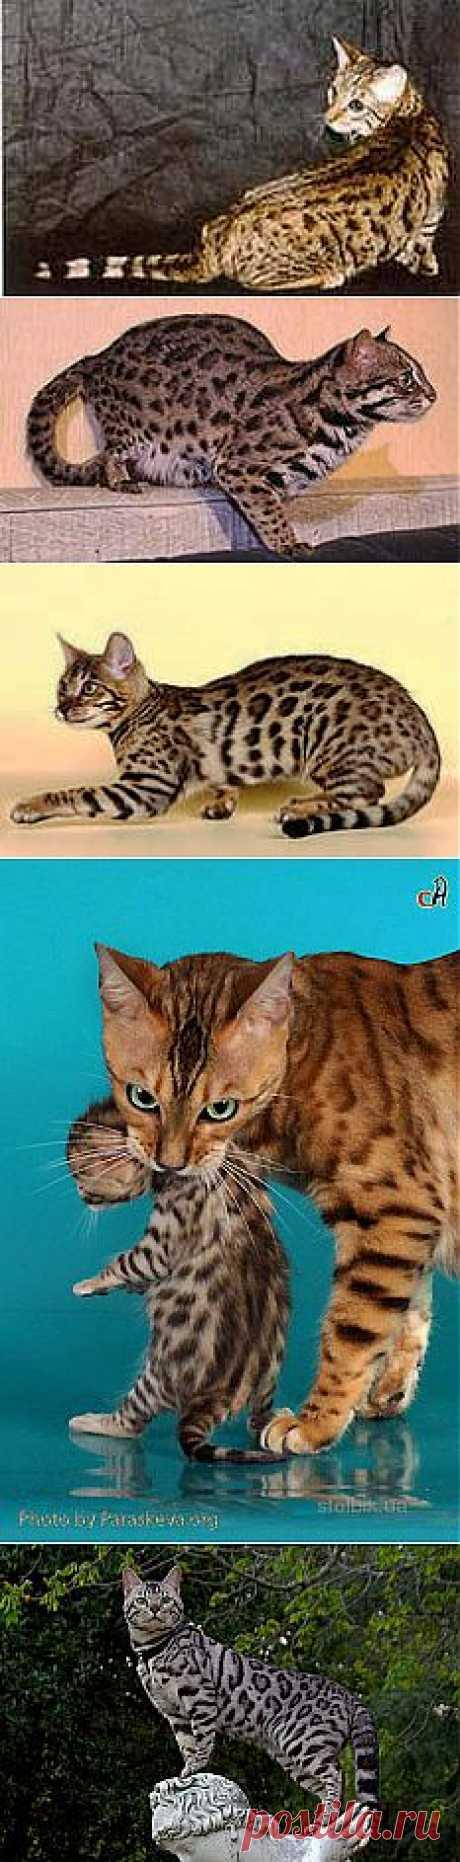 бенгальские кошки: 24 тыс изображений найдено в Яндекс.Картинках